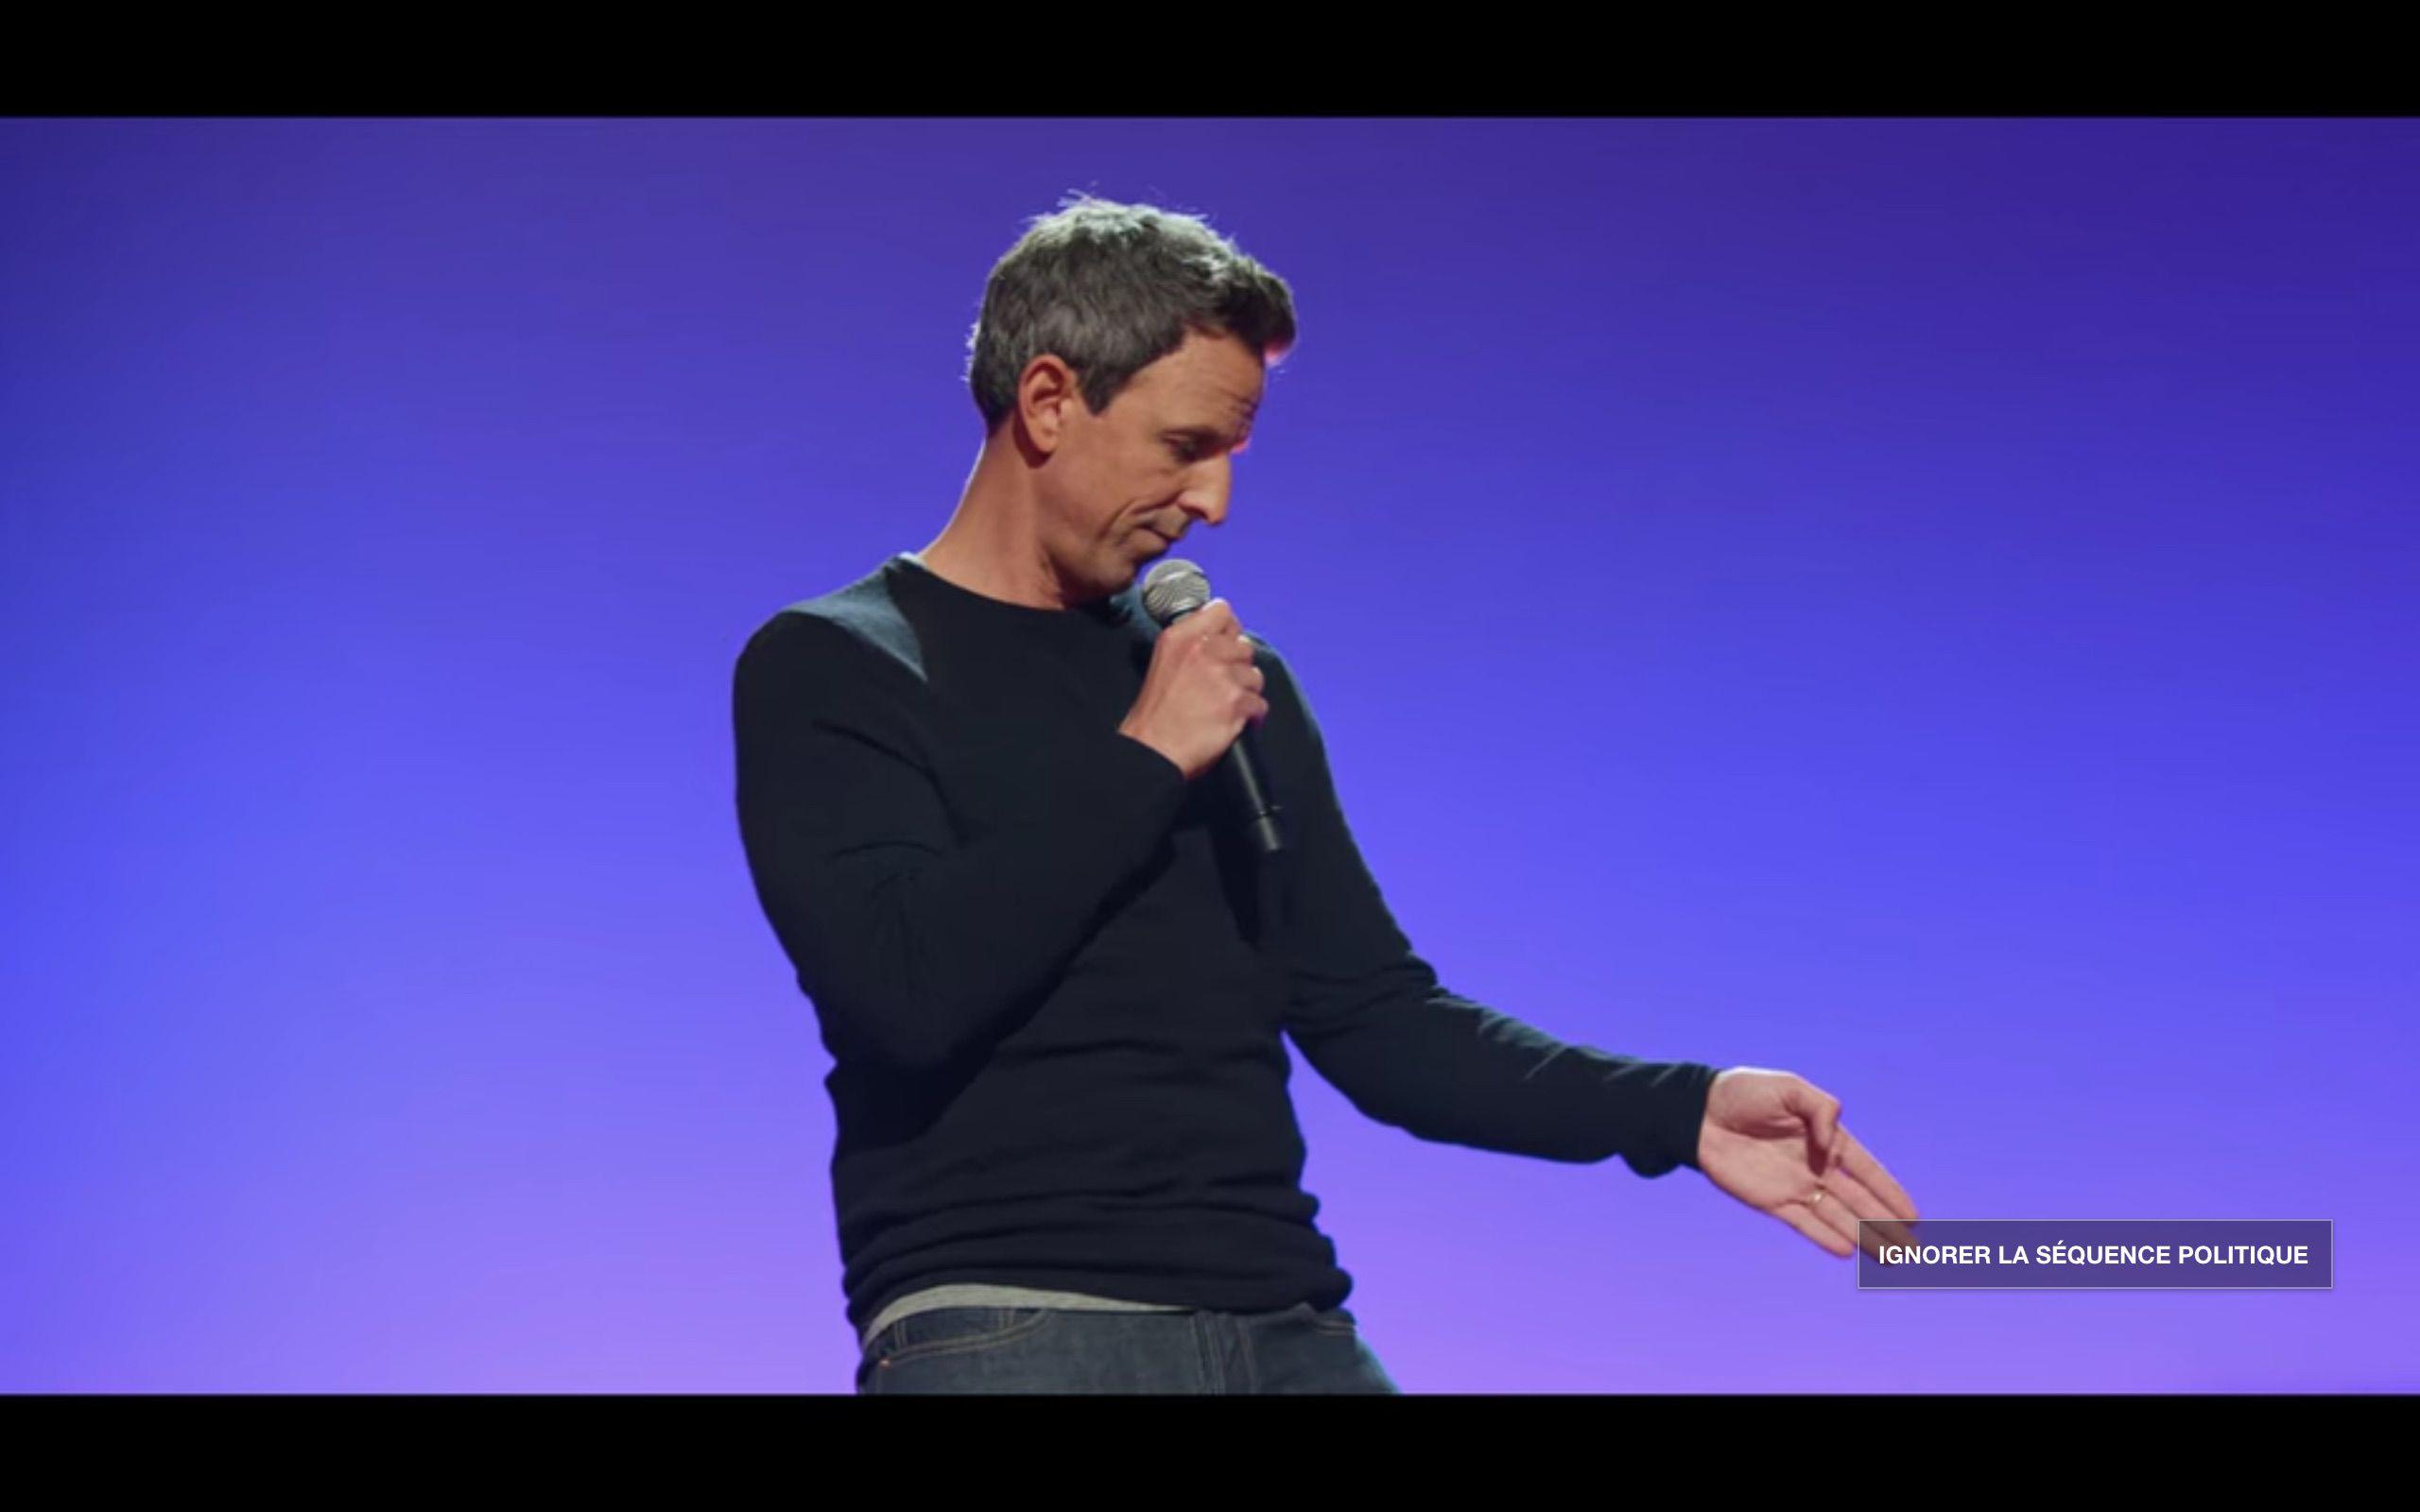 Seth Meyers sur scène